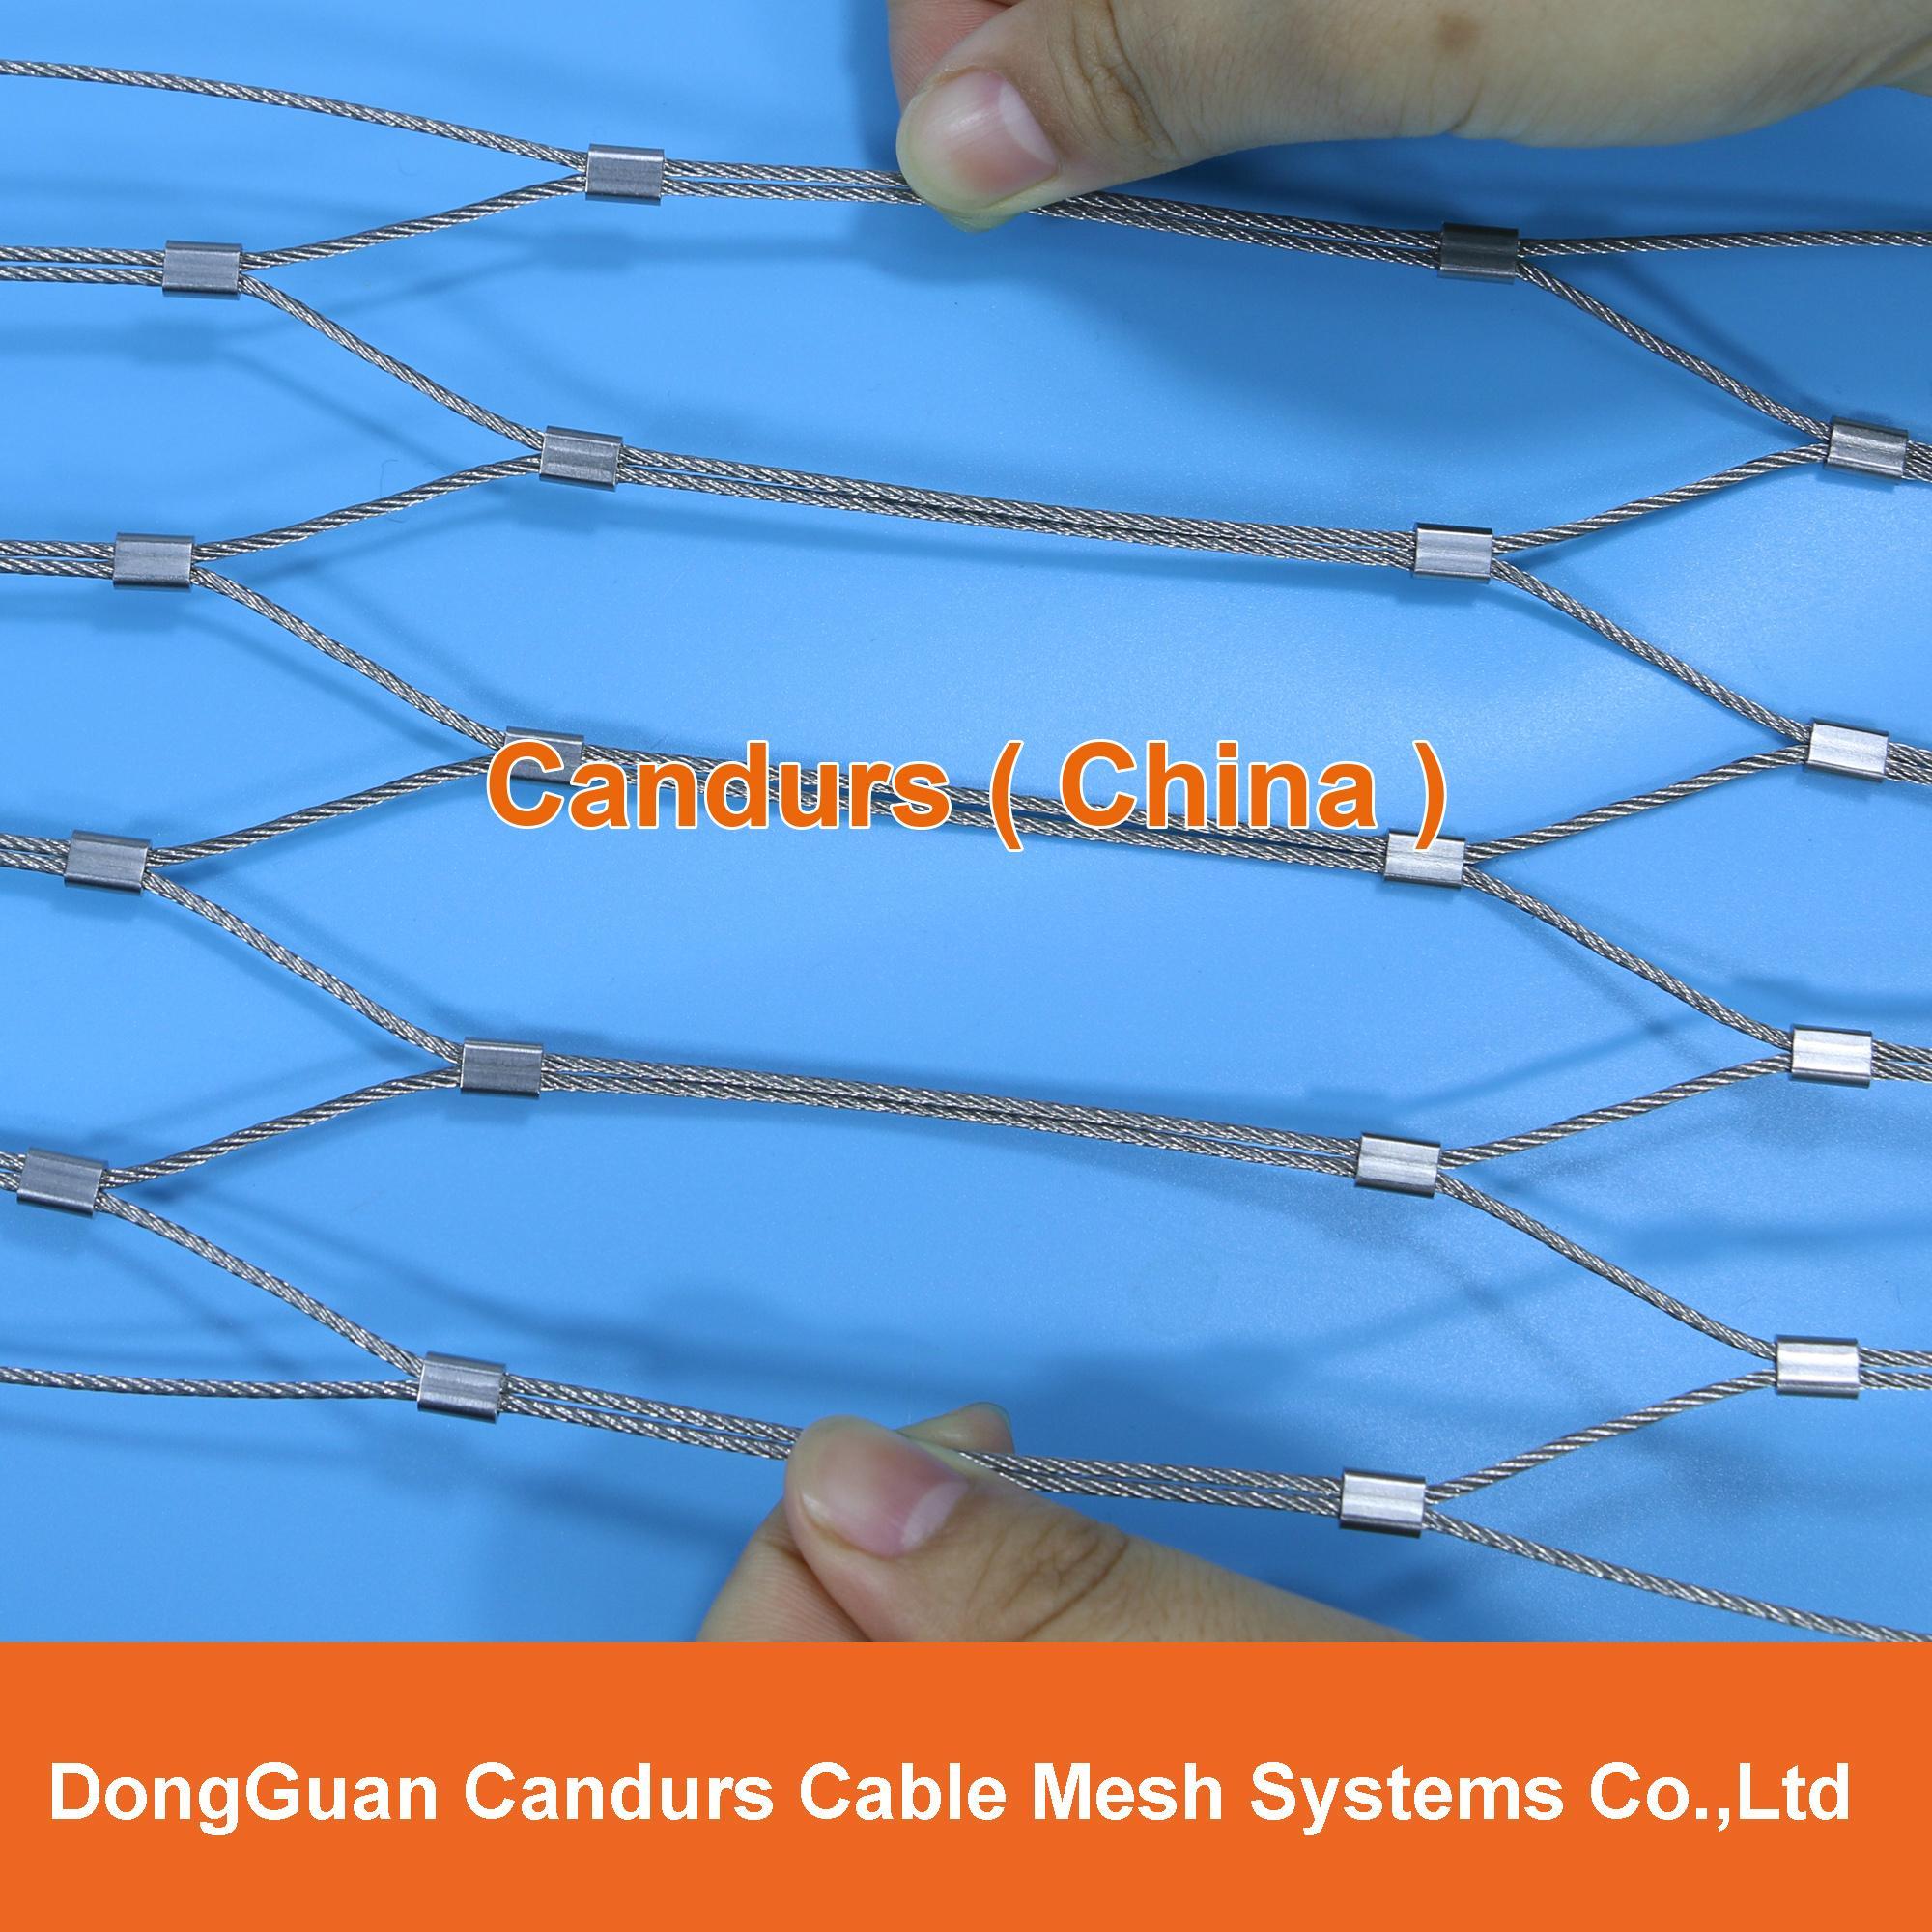 柔性不锈钢丝绳防护网片 14